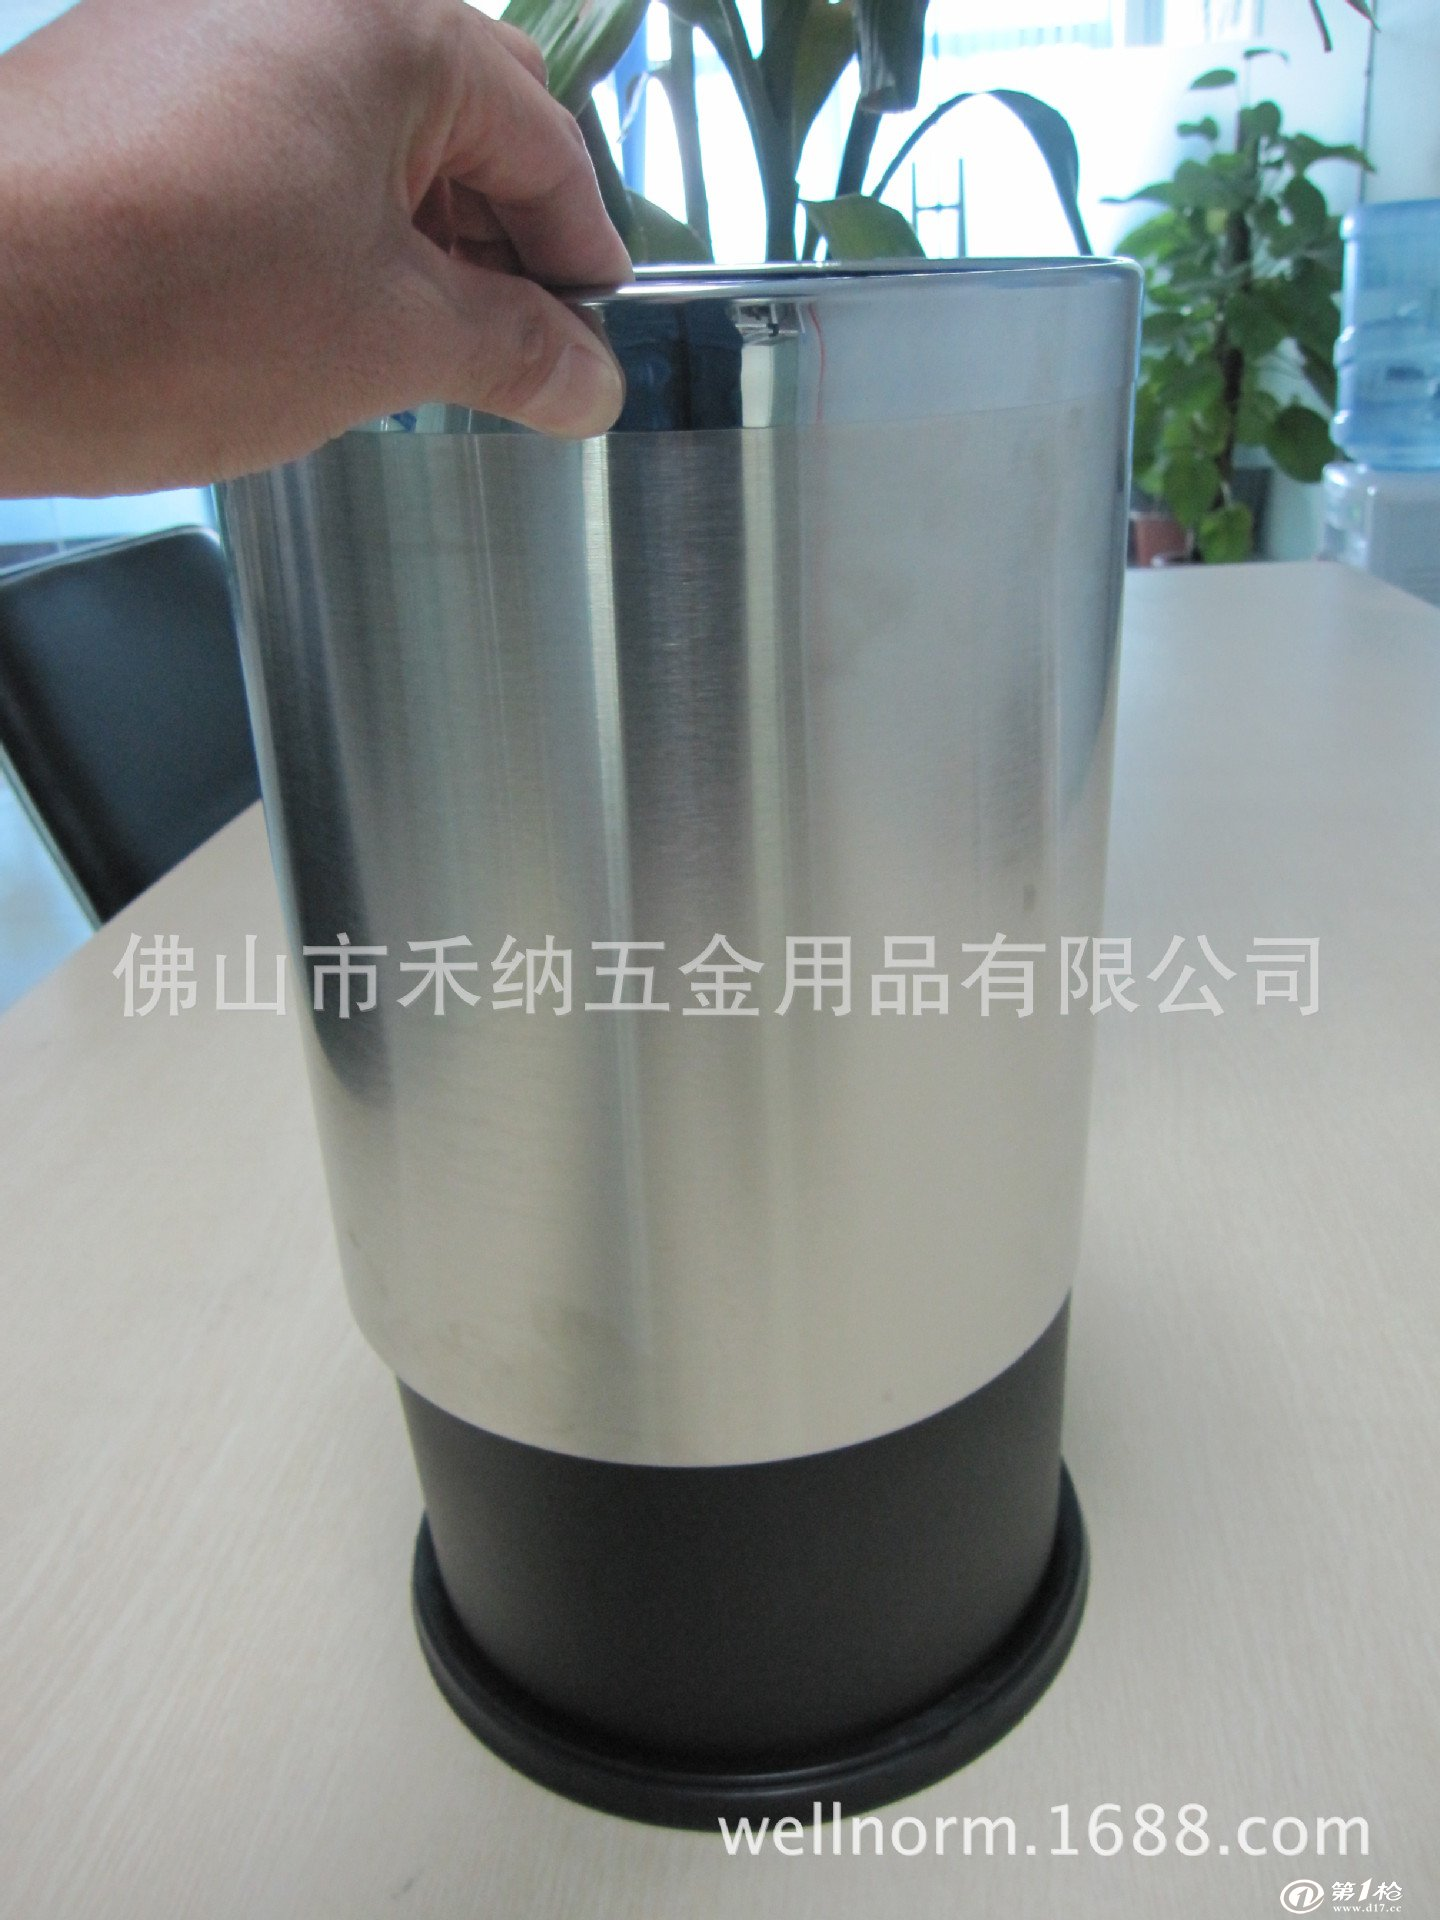 塑料桶 双层垃圾桶  产品详细介绍 复合型双层垃圾桶,内胆塑料,外层不